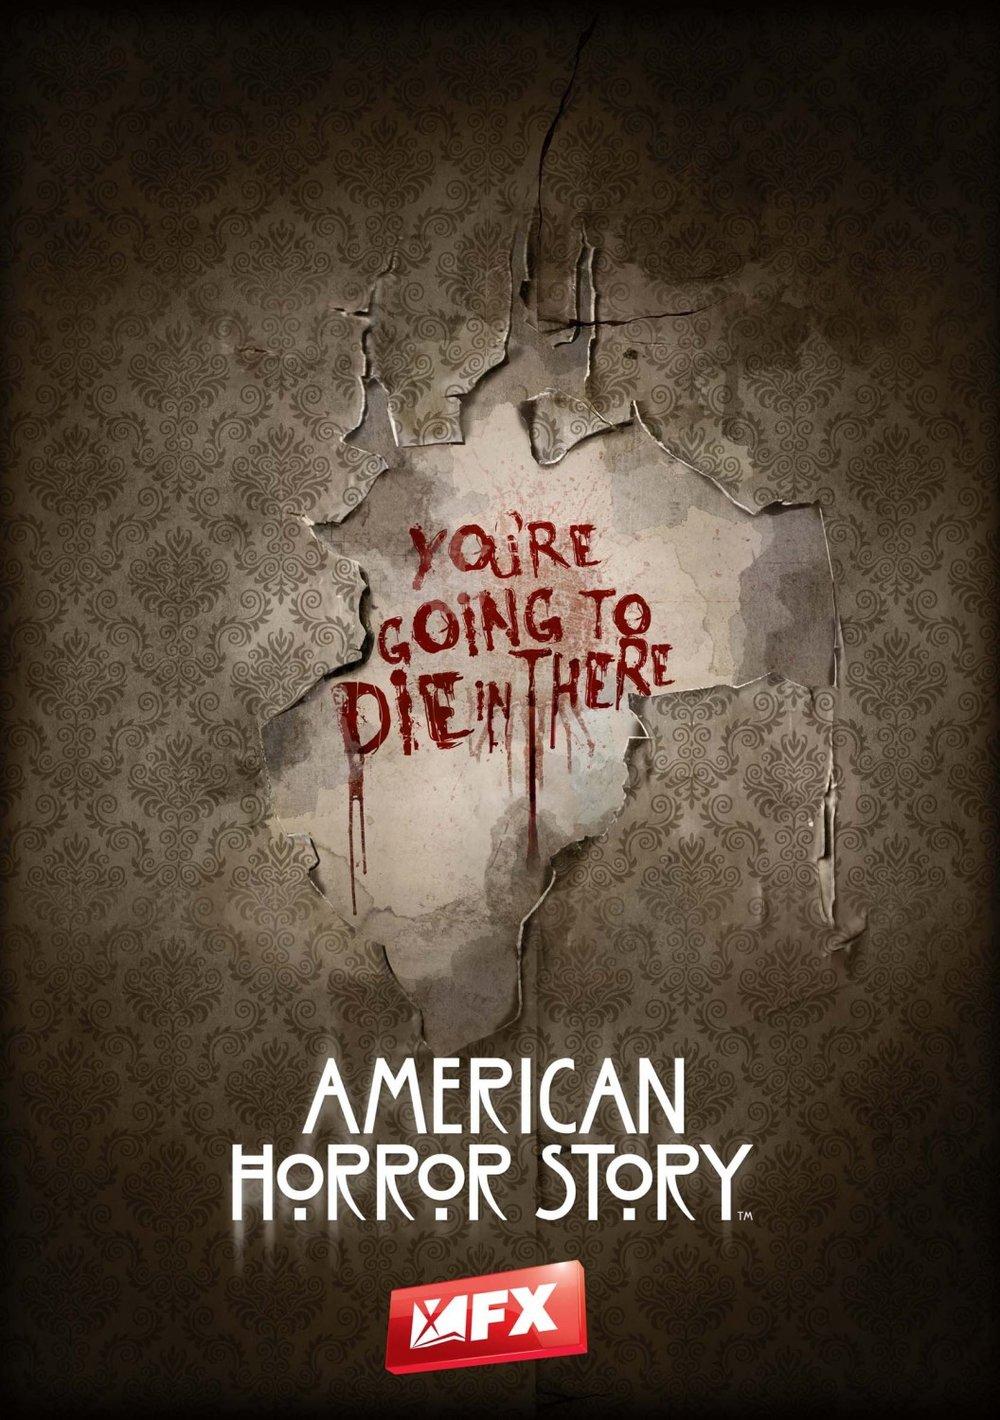 american_horror_story_ver6_xlg.jpg